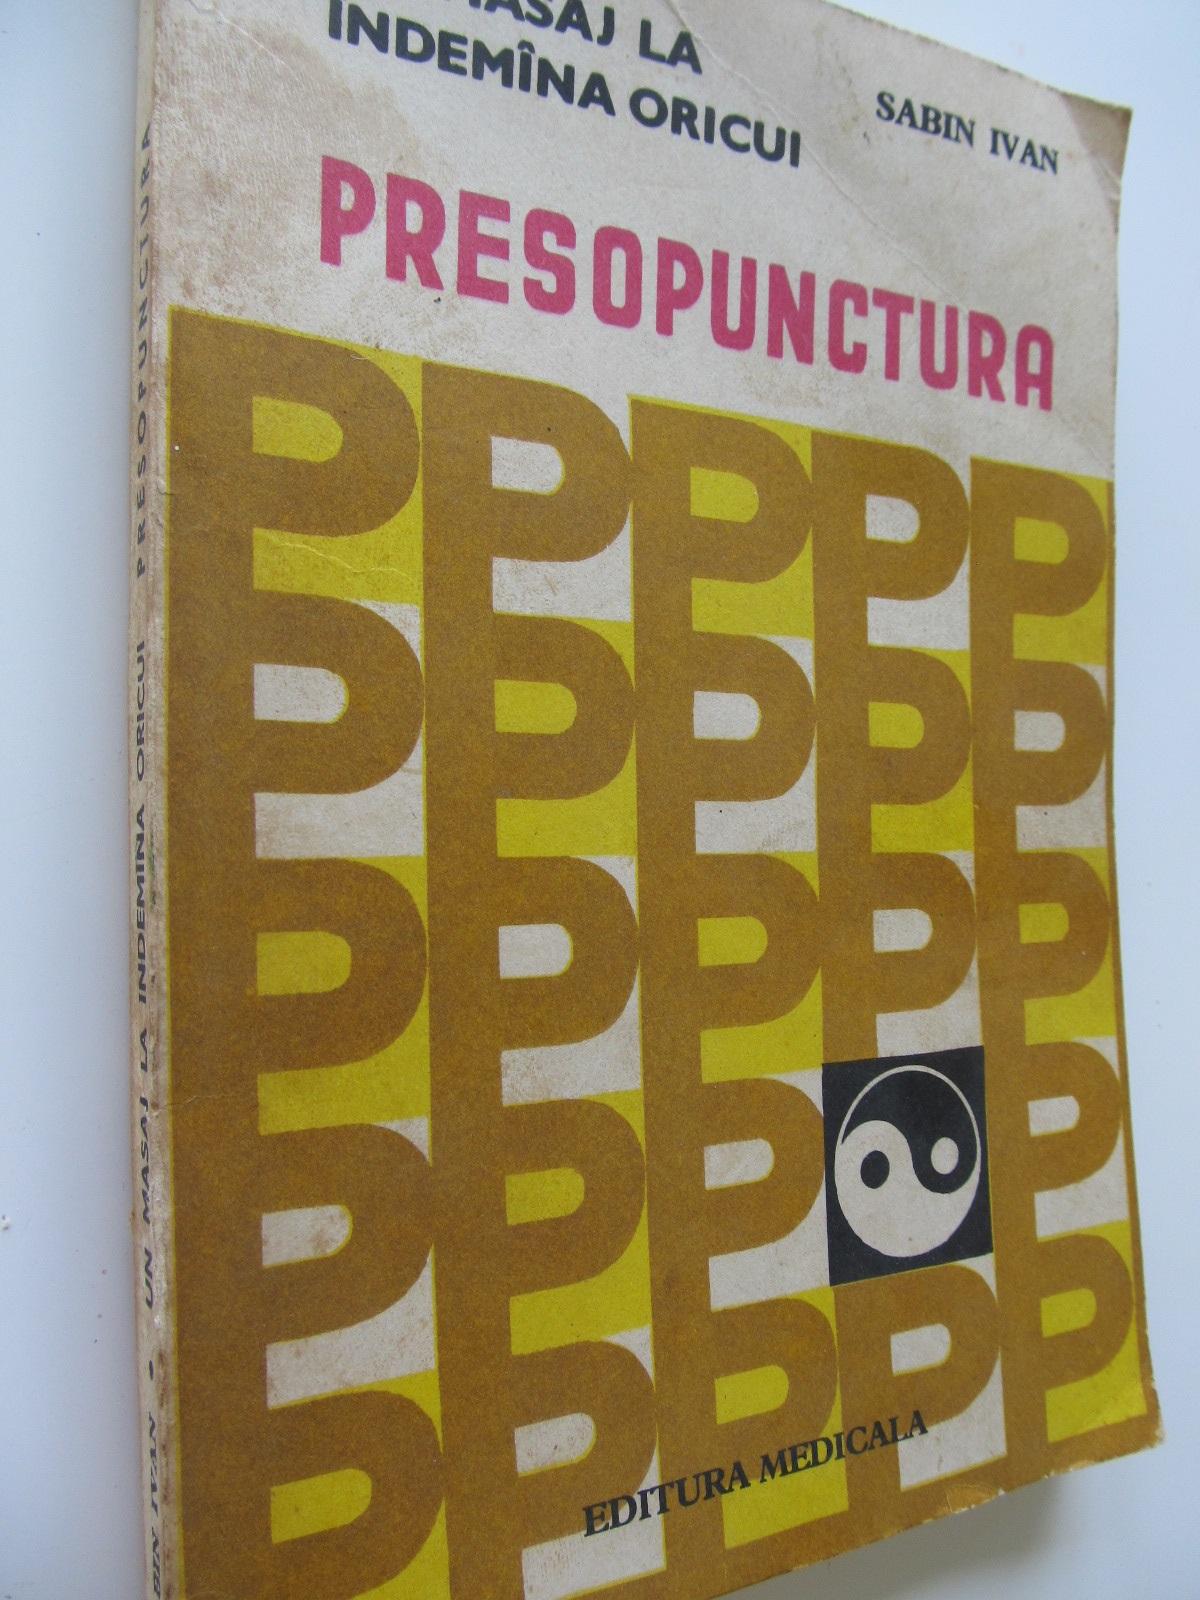 Un masaj la indemana oricui - Presopunctura [1] - Sabin Ivan | Detalii carte